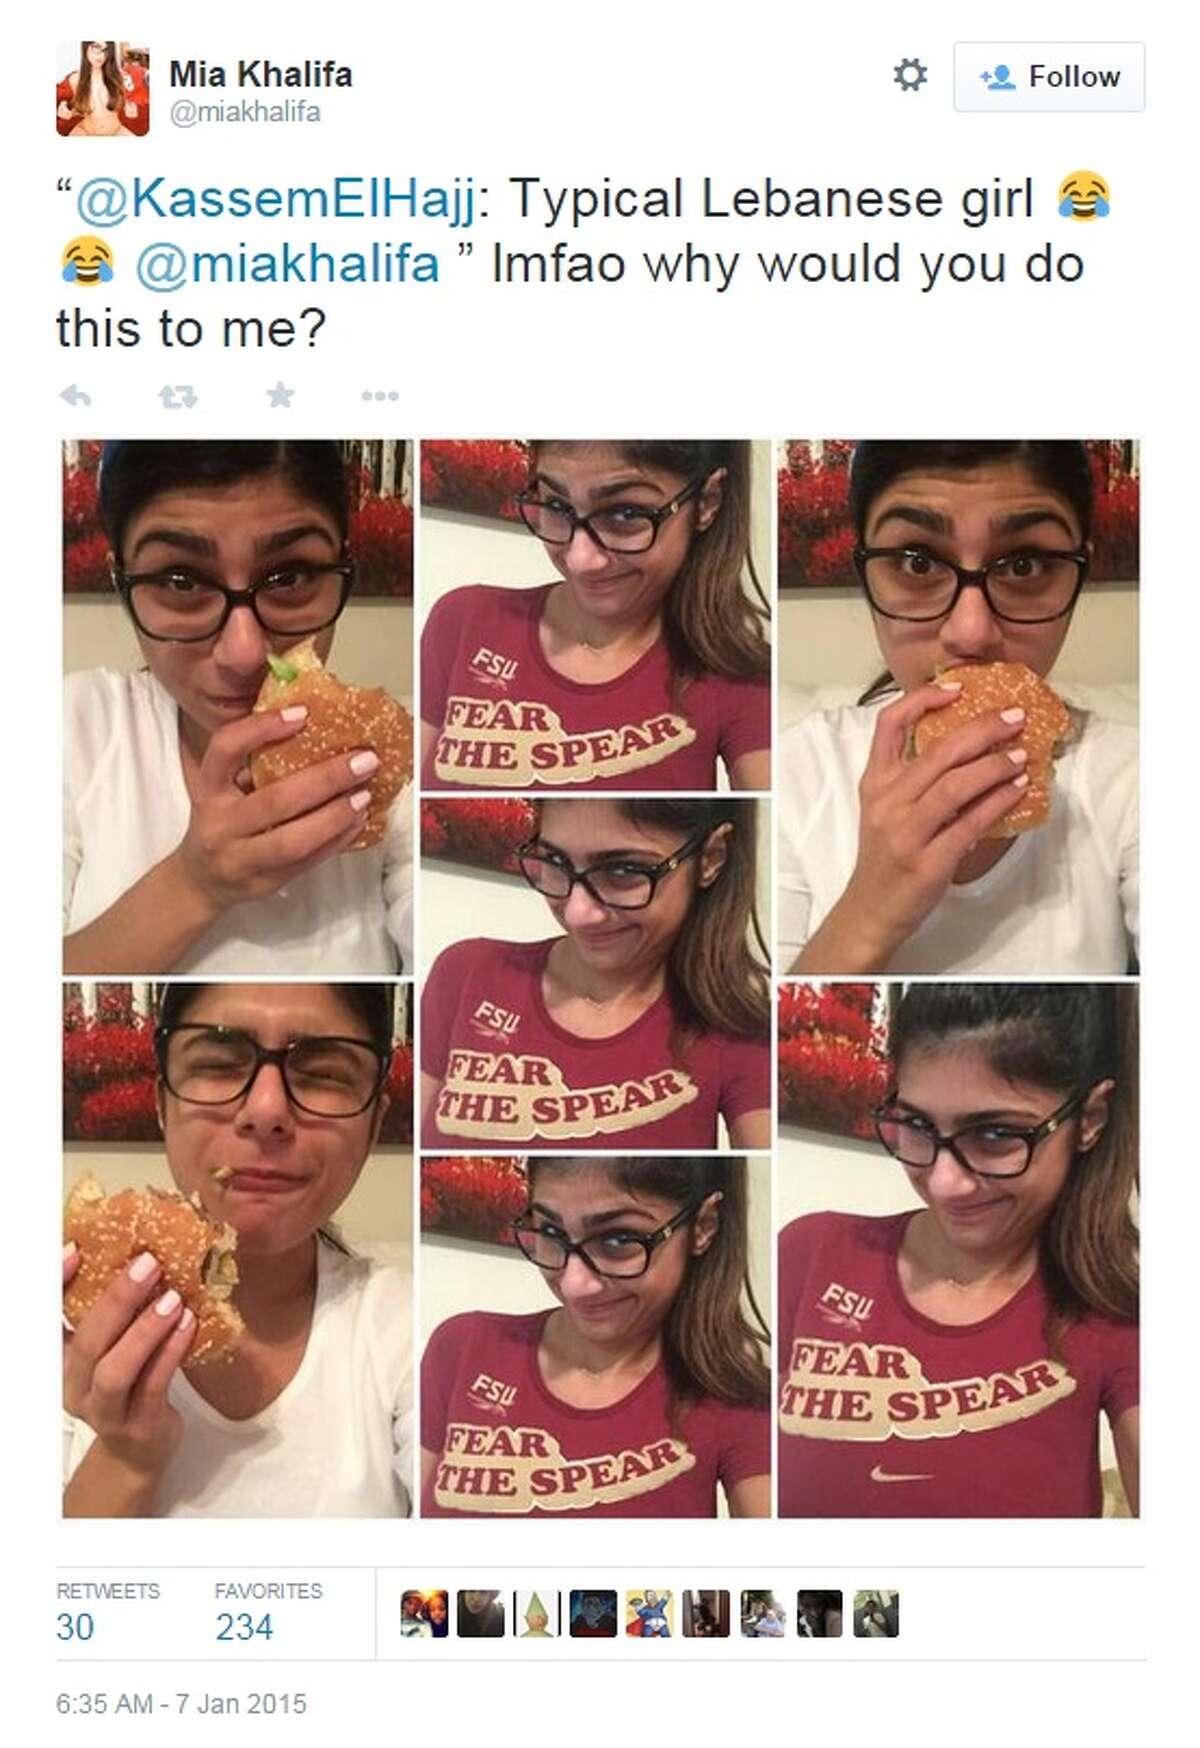 Photos from Mia Khalifa's Twitter.